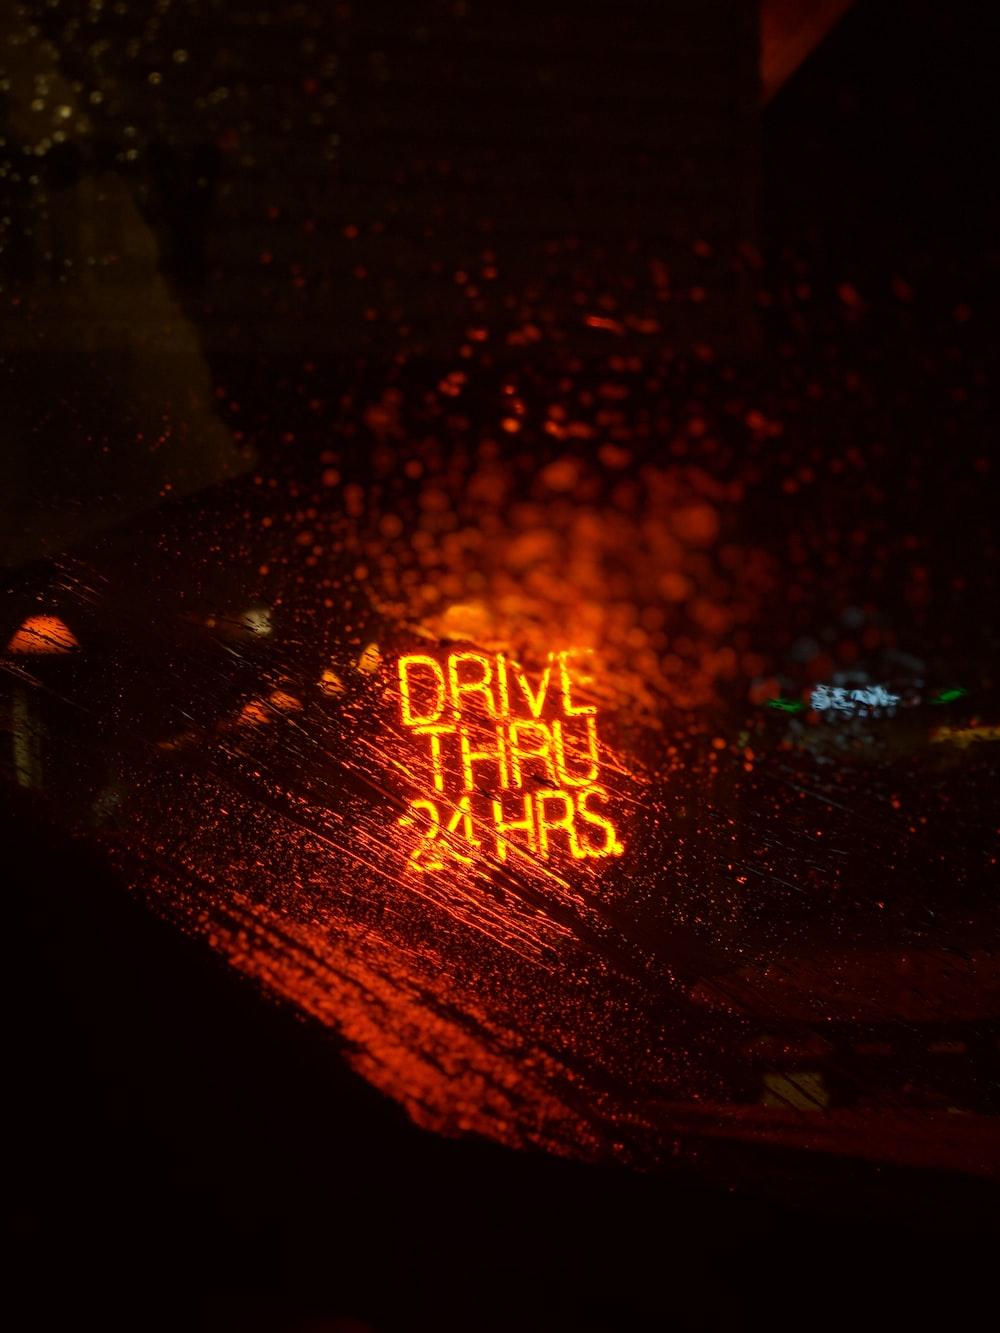 Drive Thru 24 Hrs.